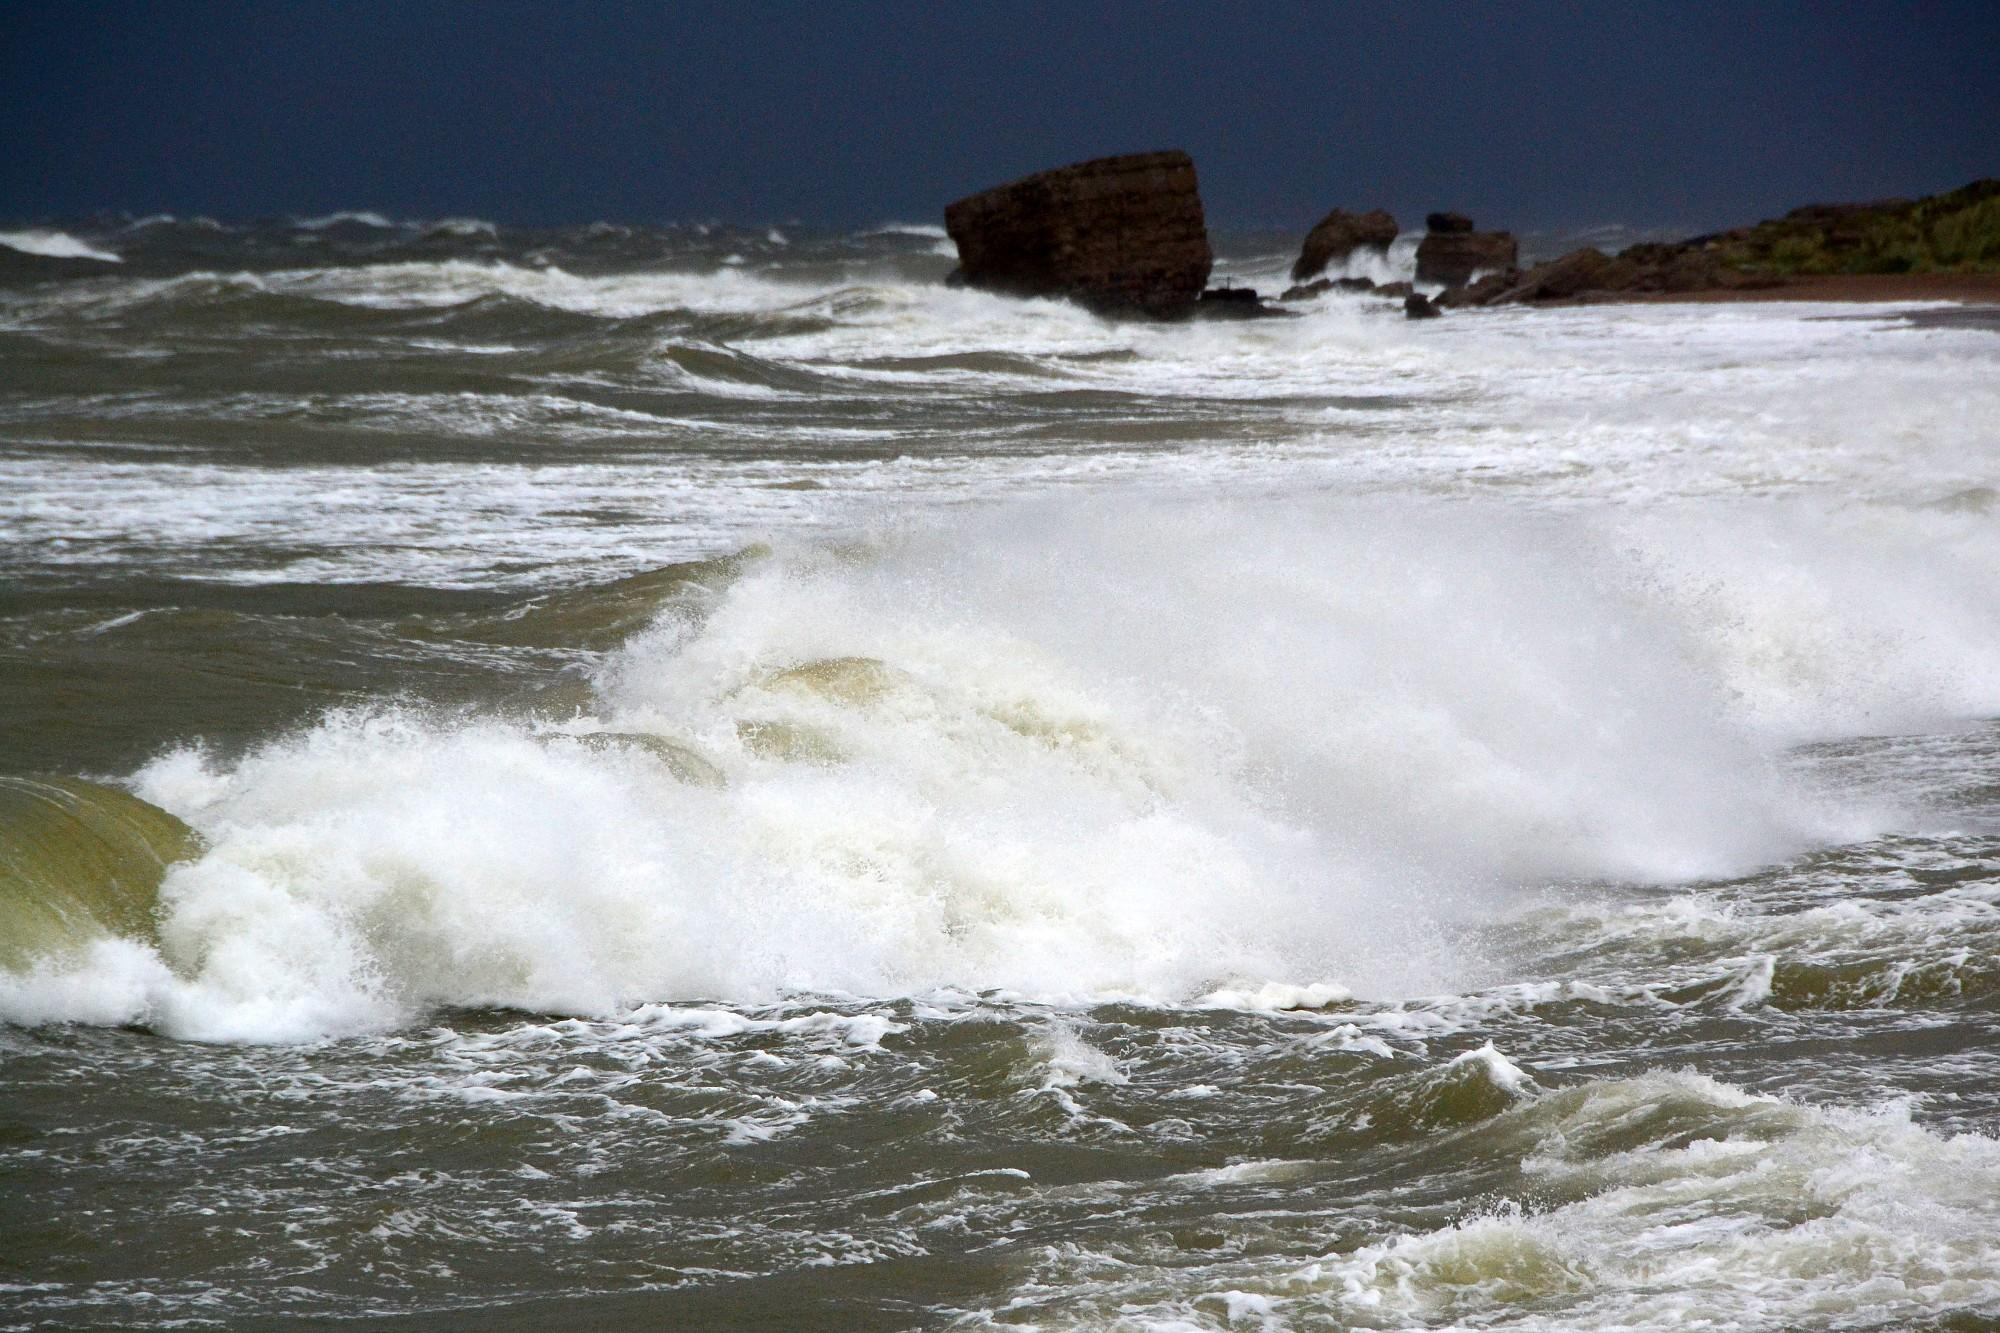 Ночью в Лиепайском порту зафиксированы порывы ветра до 22 метров в секунду